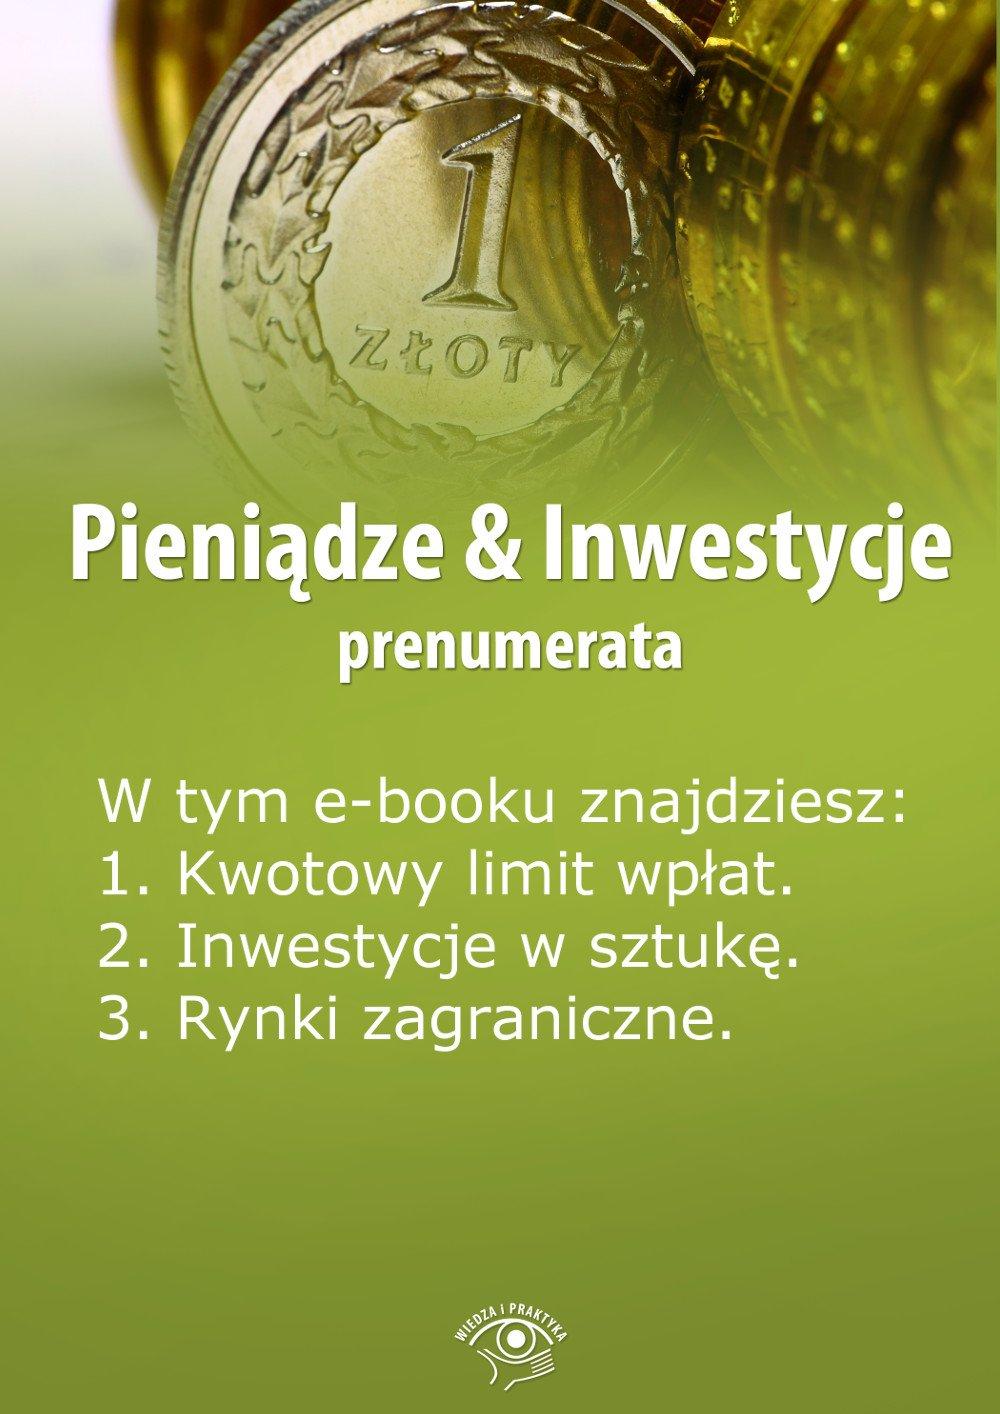 Pieniądze & Inwestycje. Wydanie kwiecień 2014 r. - Ebook (Książka EPUB) do pobrania w formacie EPUB